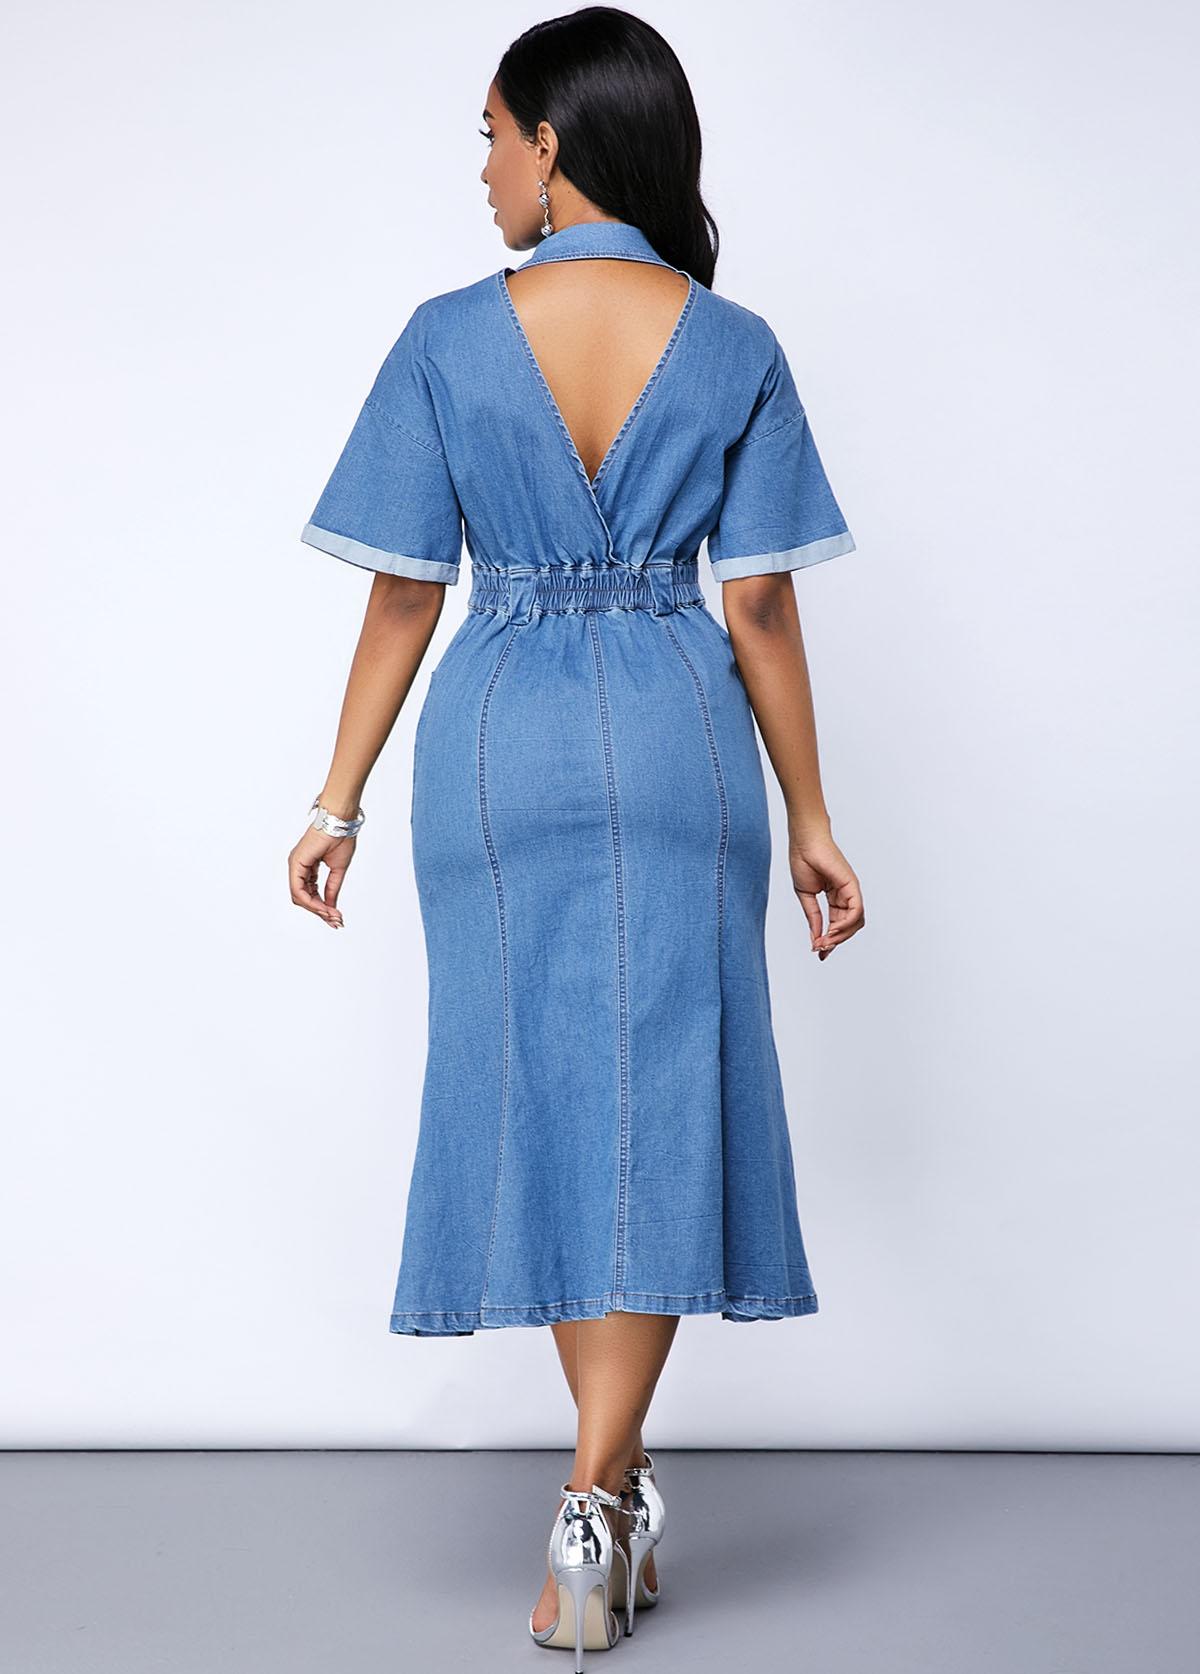 Cutout Back Button Up Denim Pocket Dress